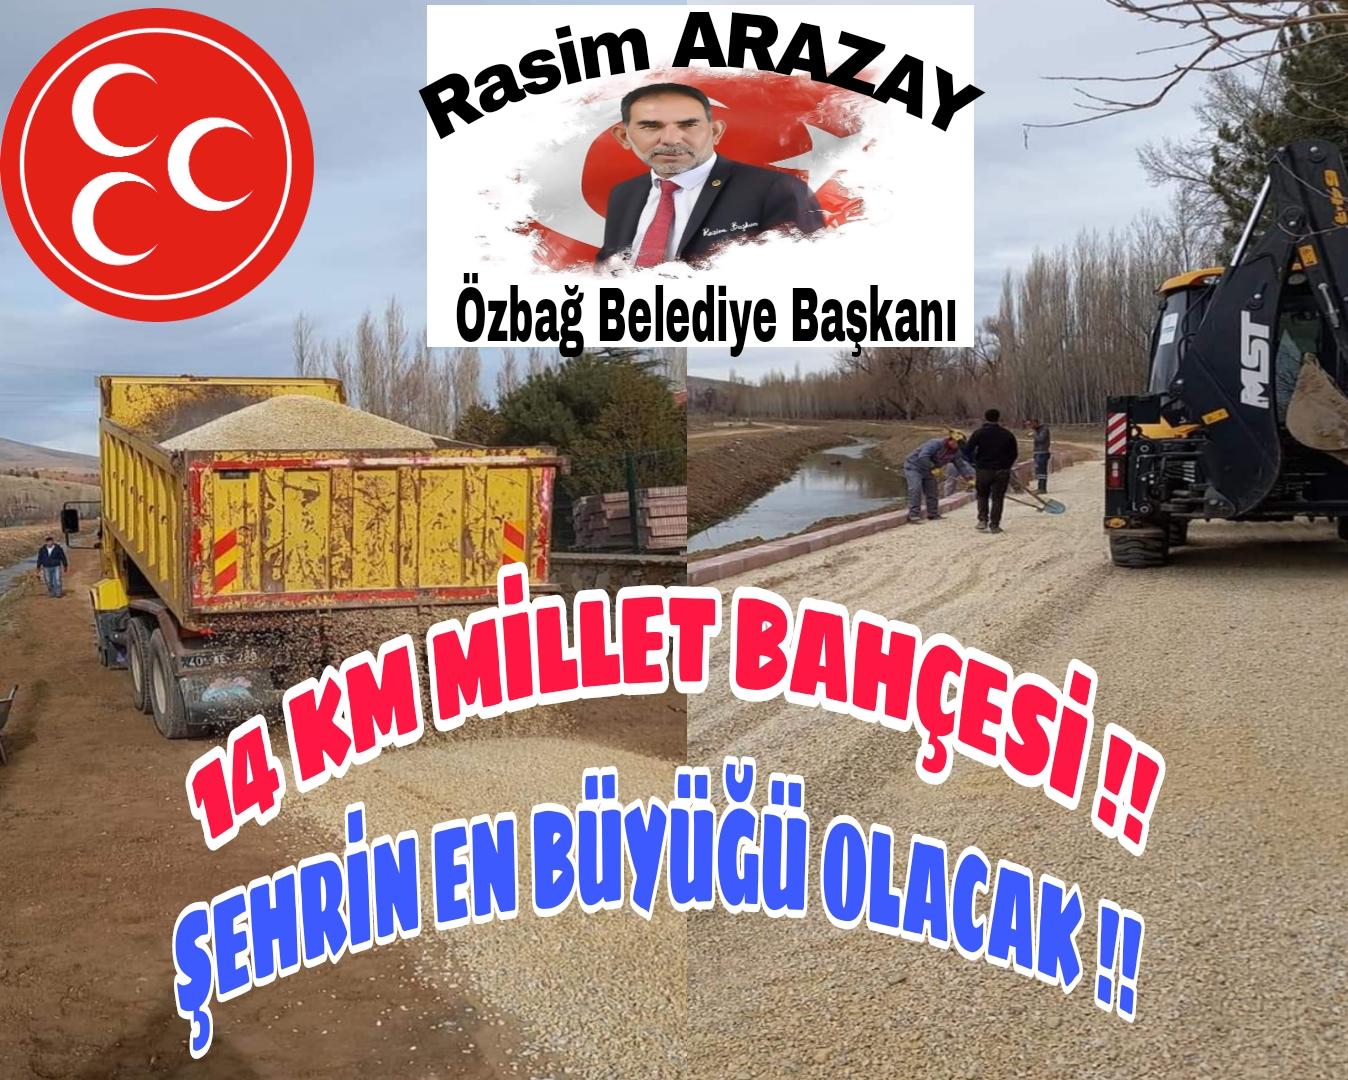 RASİM BAŞKAN' LA ÖZBAĞ ÇEHRESİ DEĞİŞİYOR !!